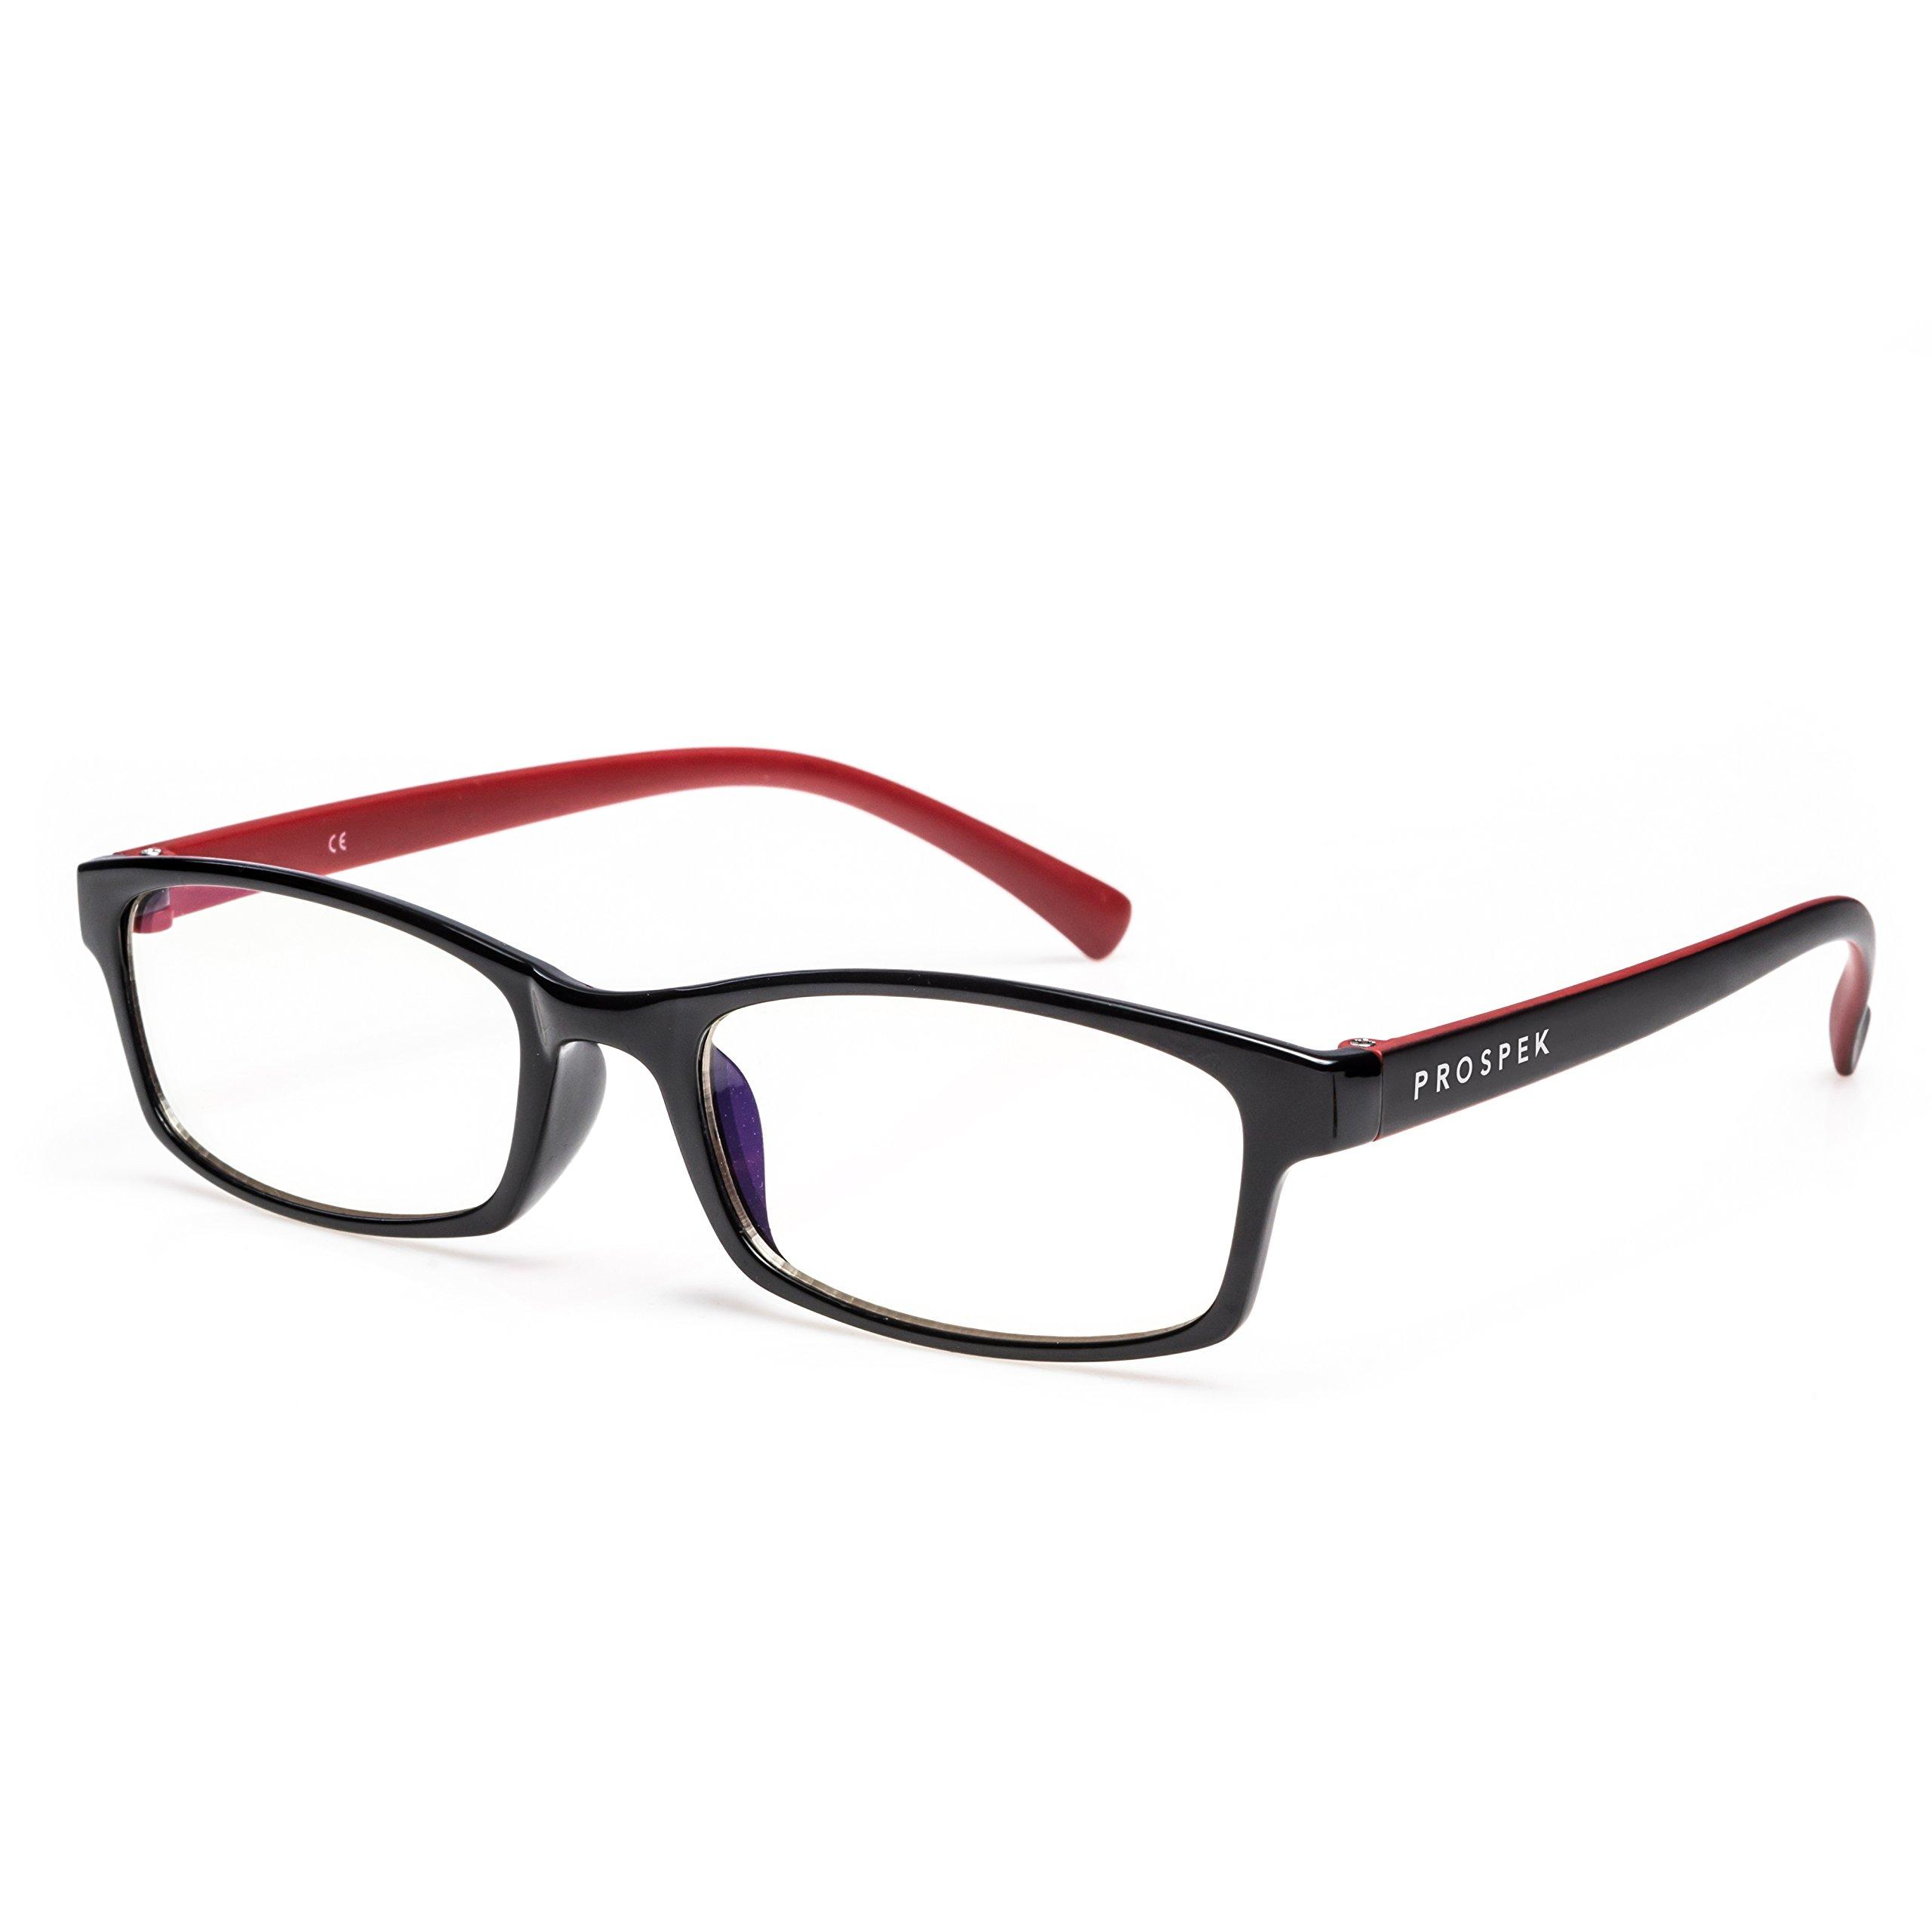 PROSPEK - Hochwertige Computer Brillen - Professional - Blaulicht ...